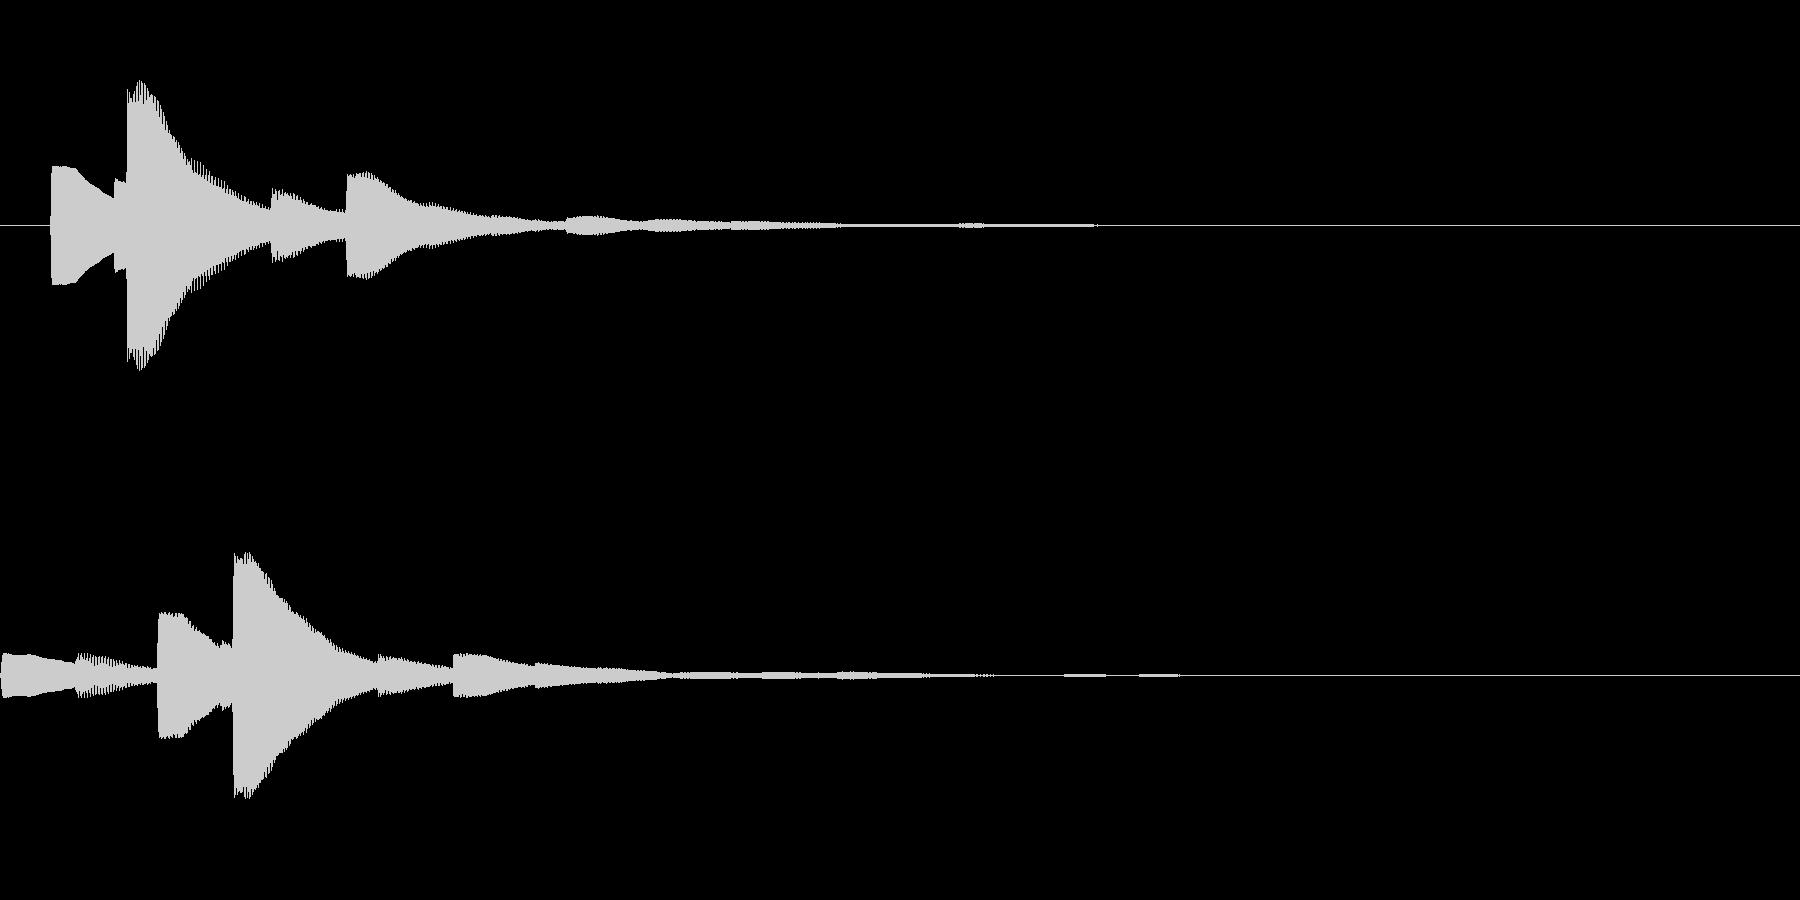 システム音22_シンセDZの未再生の波形